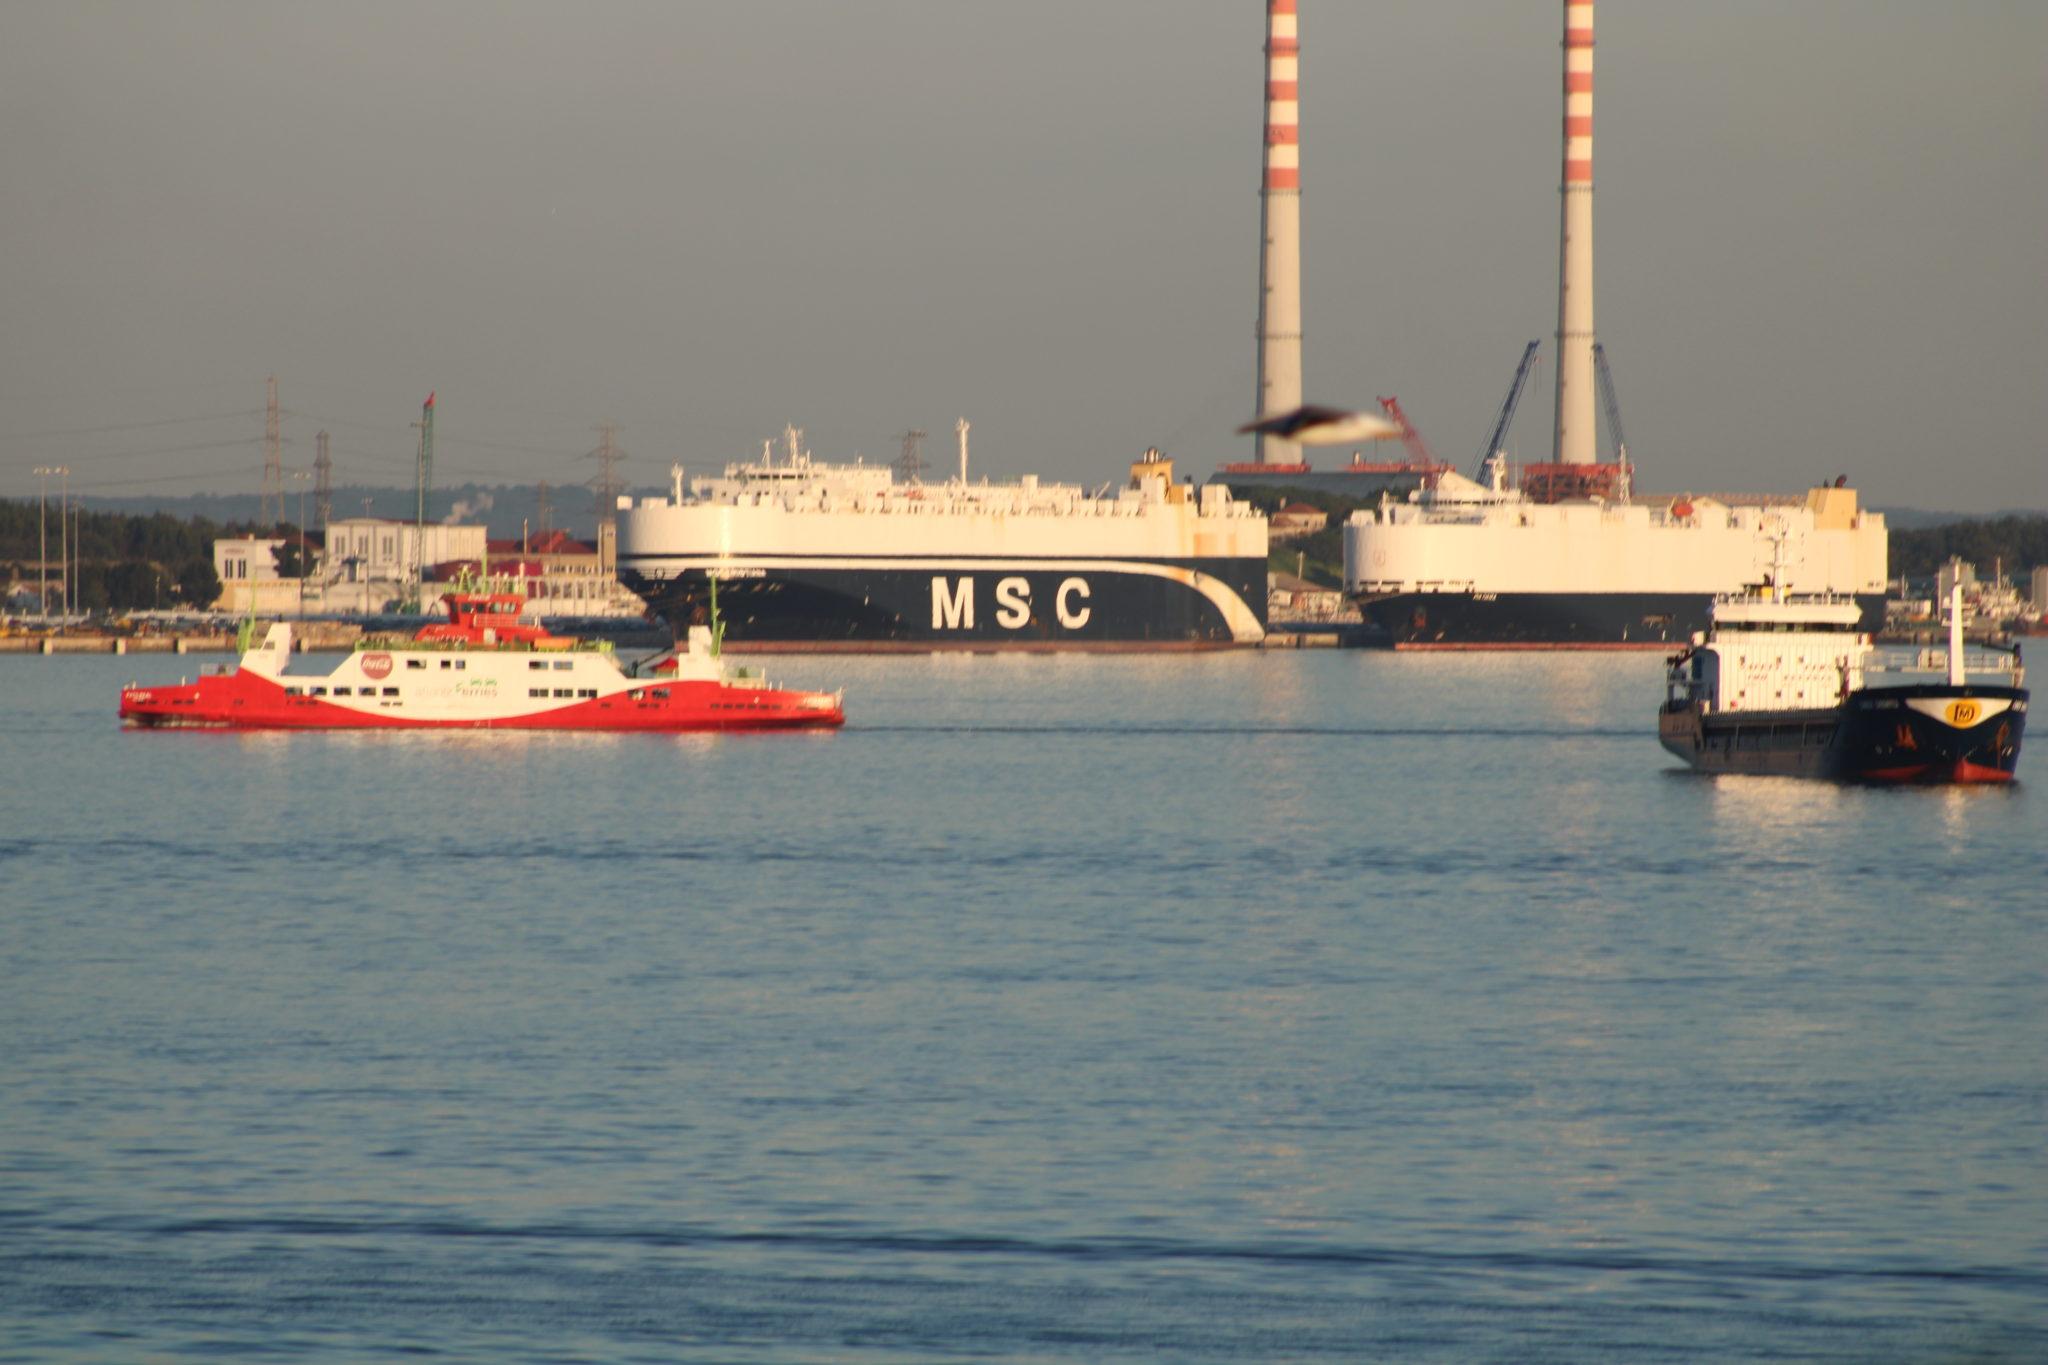 Saída e entrada de navios no porto de Setúbal